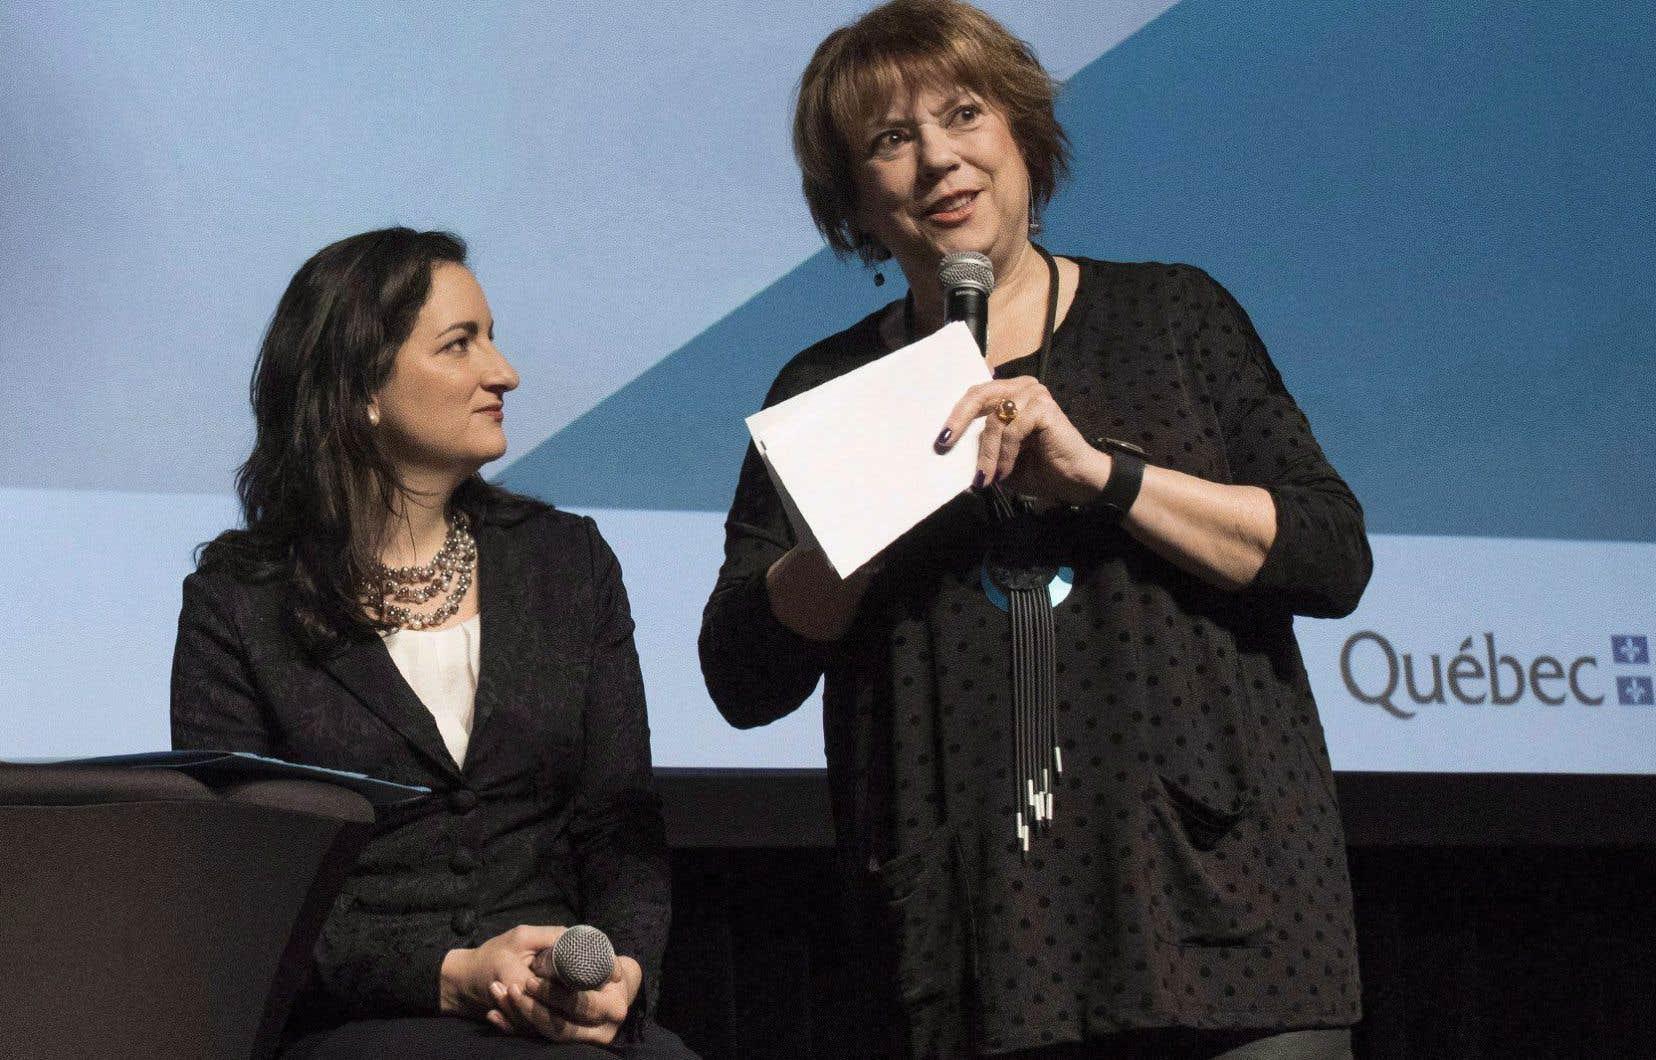 La somme annoncée par les ministres Marie Montpetit et Hélène David fait partie de l'enveloppe de 25millions de dollars que le gouvernement Couillard avait promise en décembre dernier pour s'attaquer en général au phénomène de l'inconduite sexuelle.